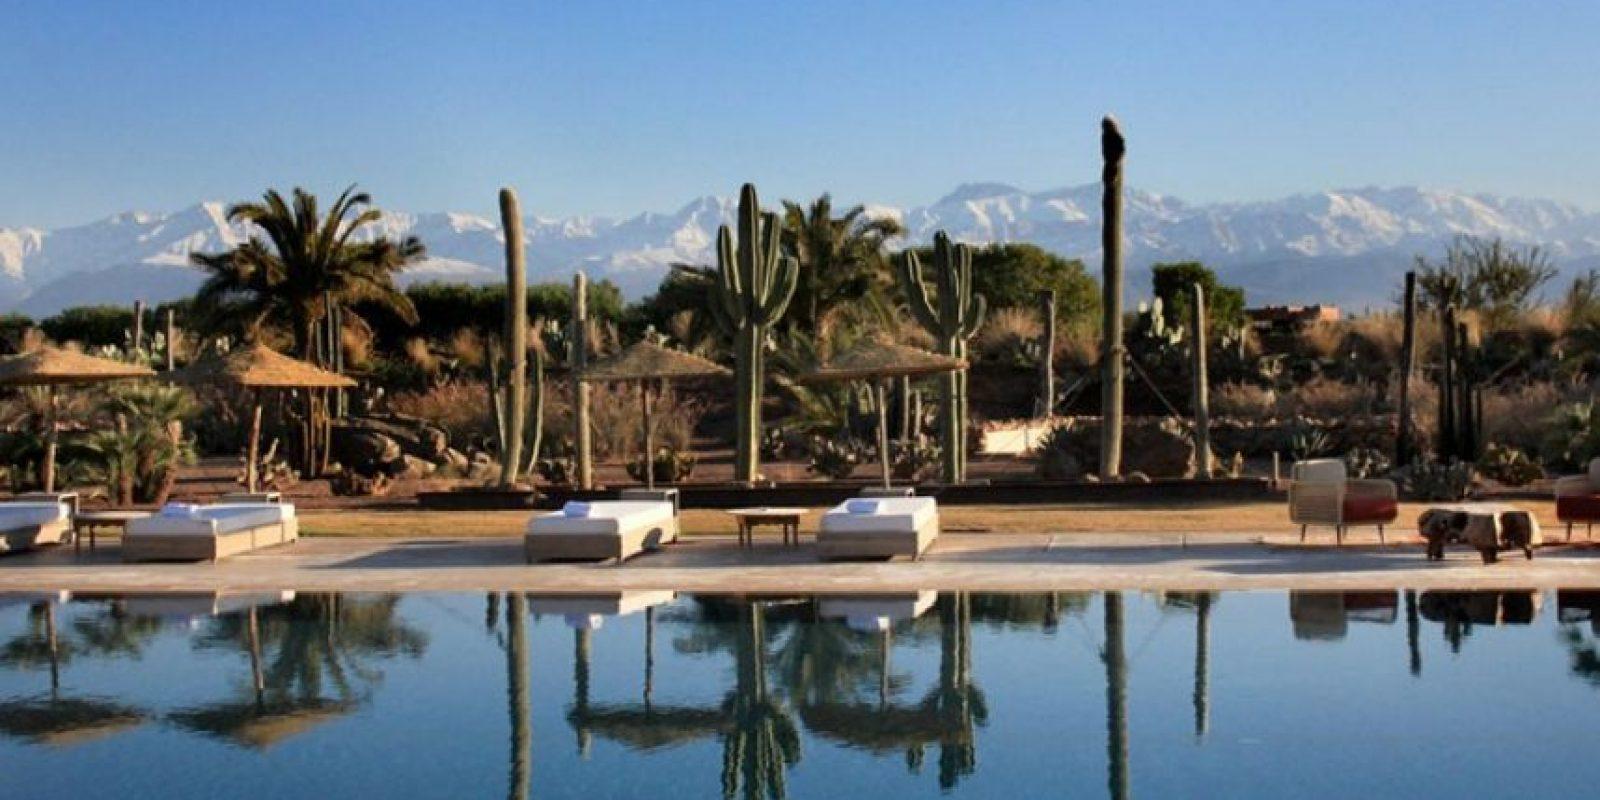 11. Hotel Fellah en Marrakech, Marruecos Foto:Somekindofwanderlust